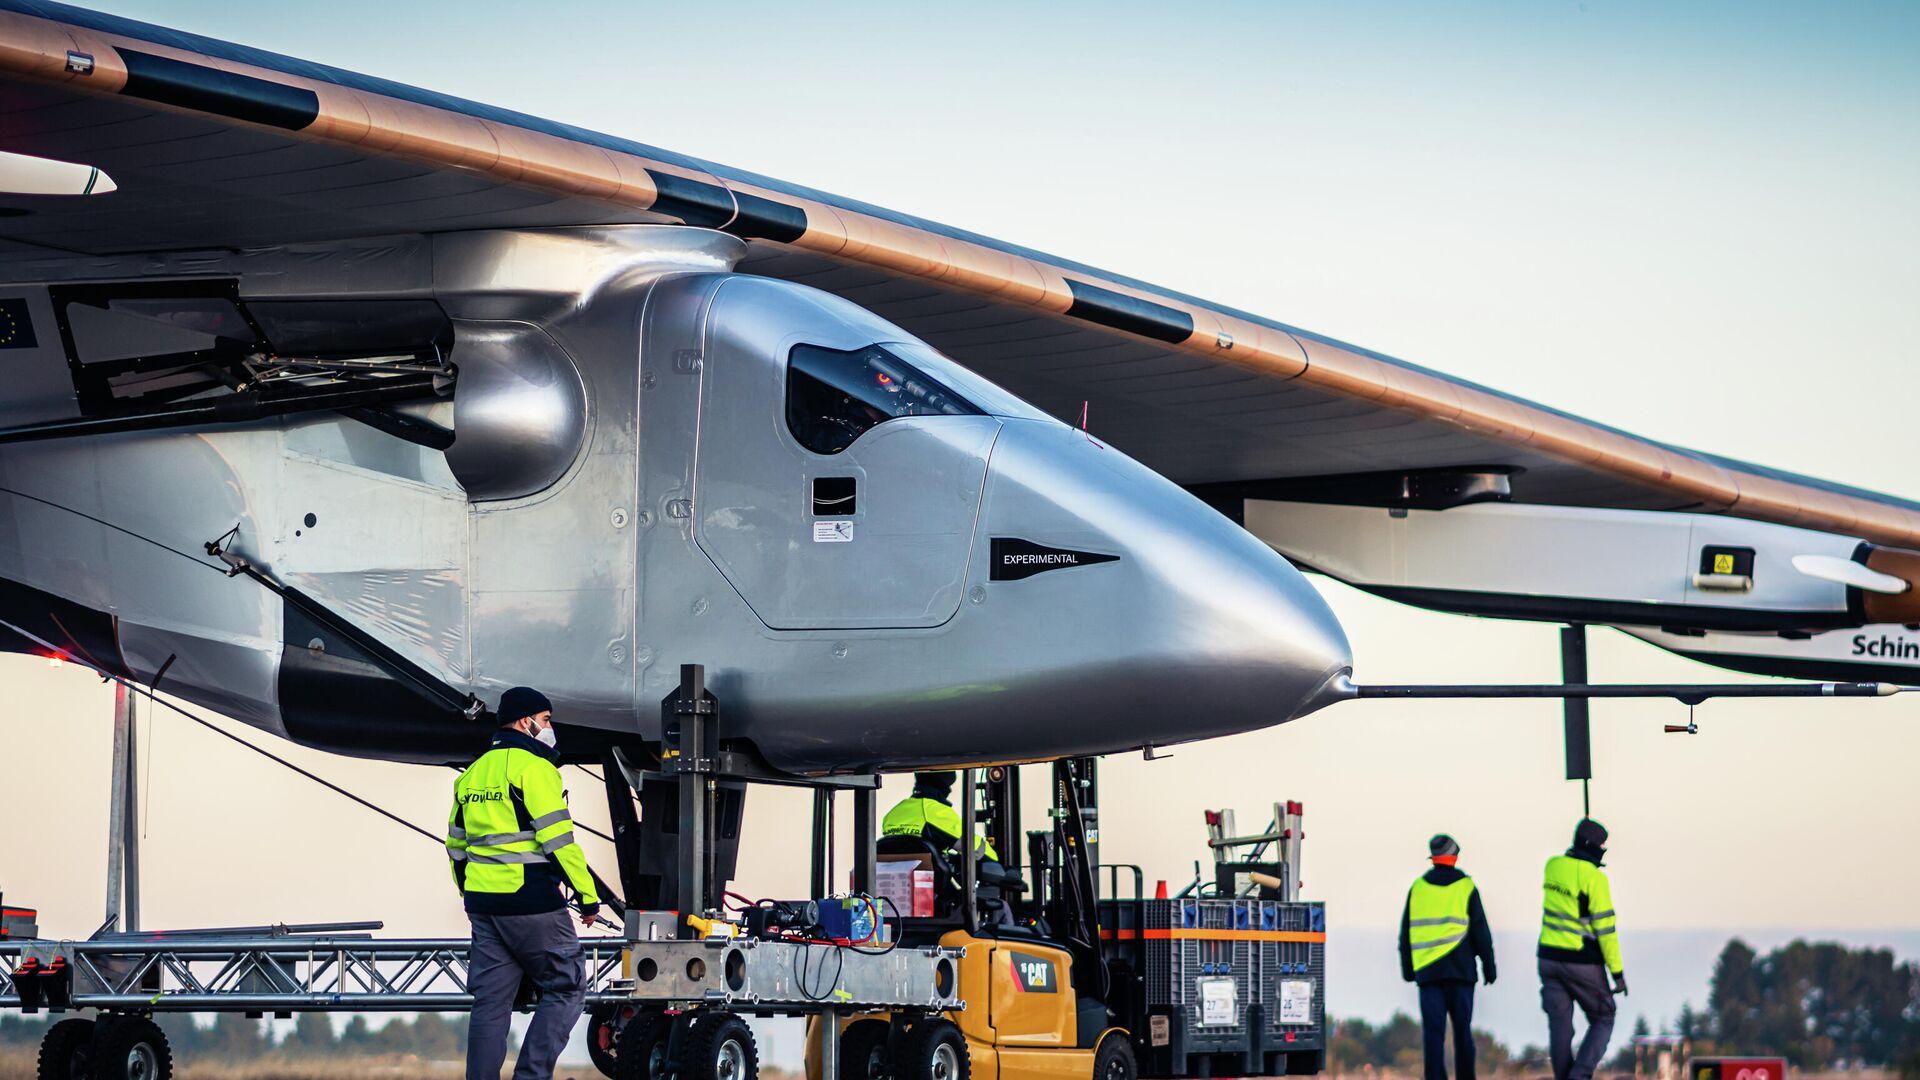 Skydweller Aero pretende convertirse en la empresa aeroespacial que utilice la tecnología de aviación autónoma del futuro - Sputnik Mundo, 1920, 02.06.2021